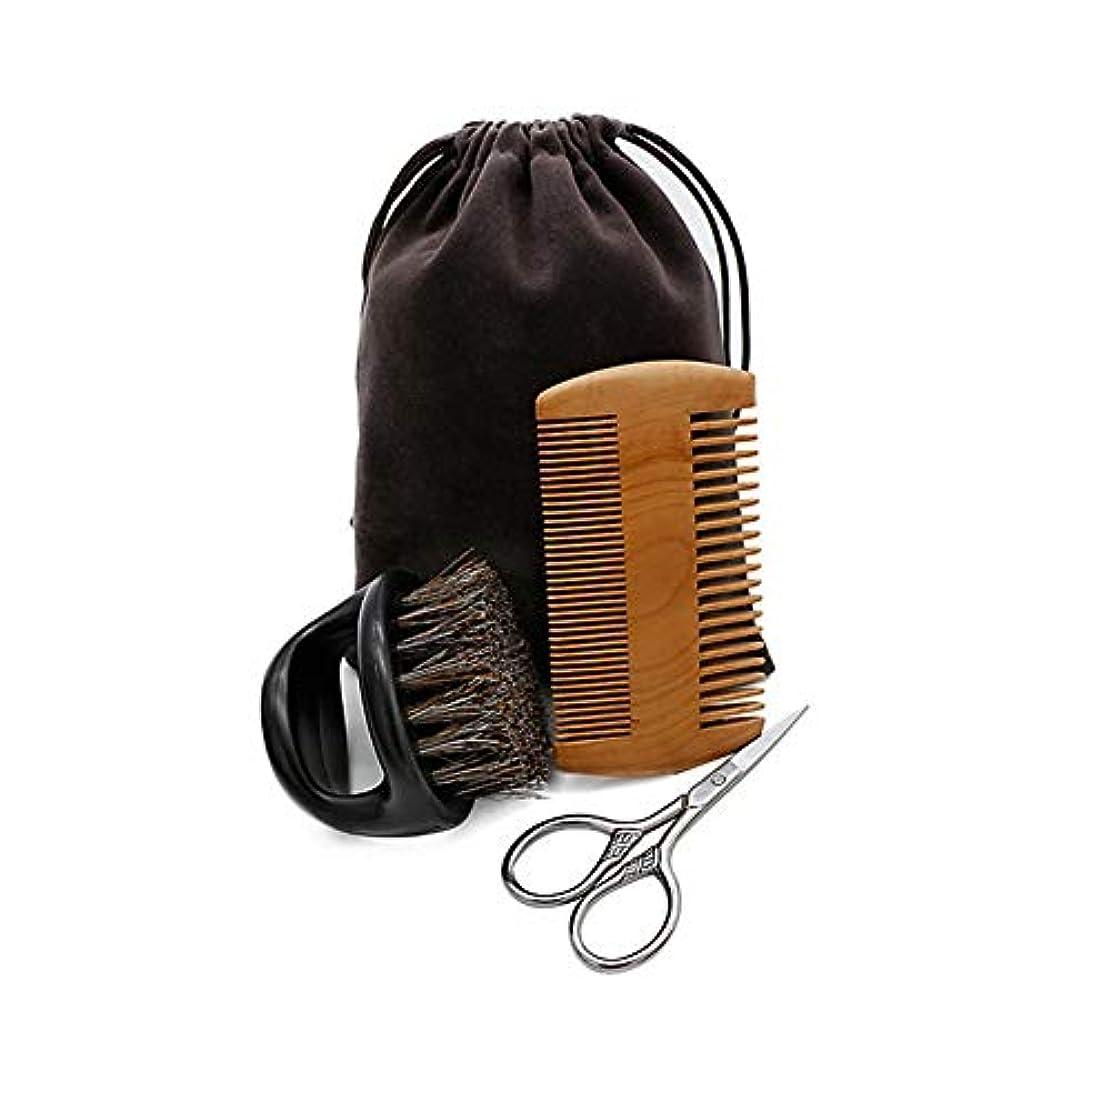 保険遮る熟練したjunexi ビアードケアセット 3件セット ひげブラシ ピーチ木製櫛 はさみ 柔らかい 使いやすい メンズ髭手入れセット 収納袋付き 携帯便利 ヘアブラシセット